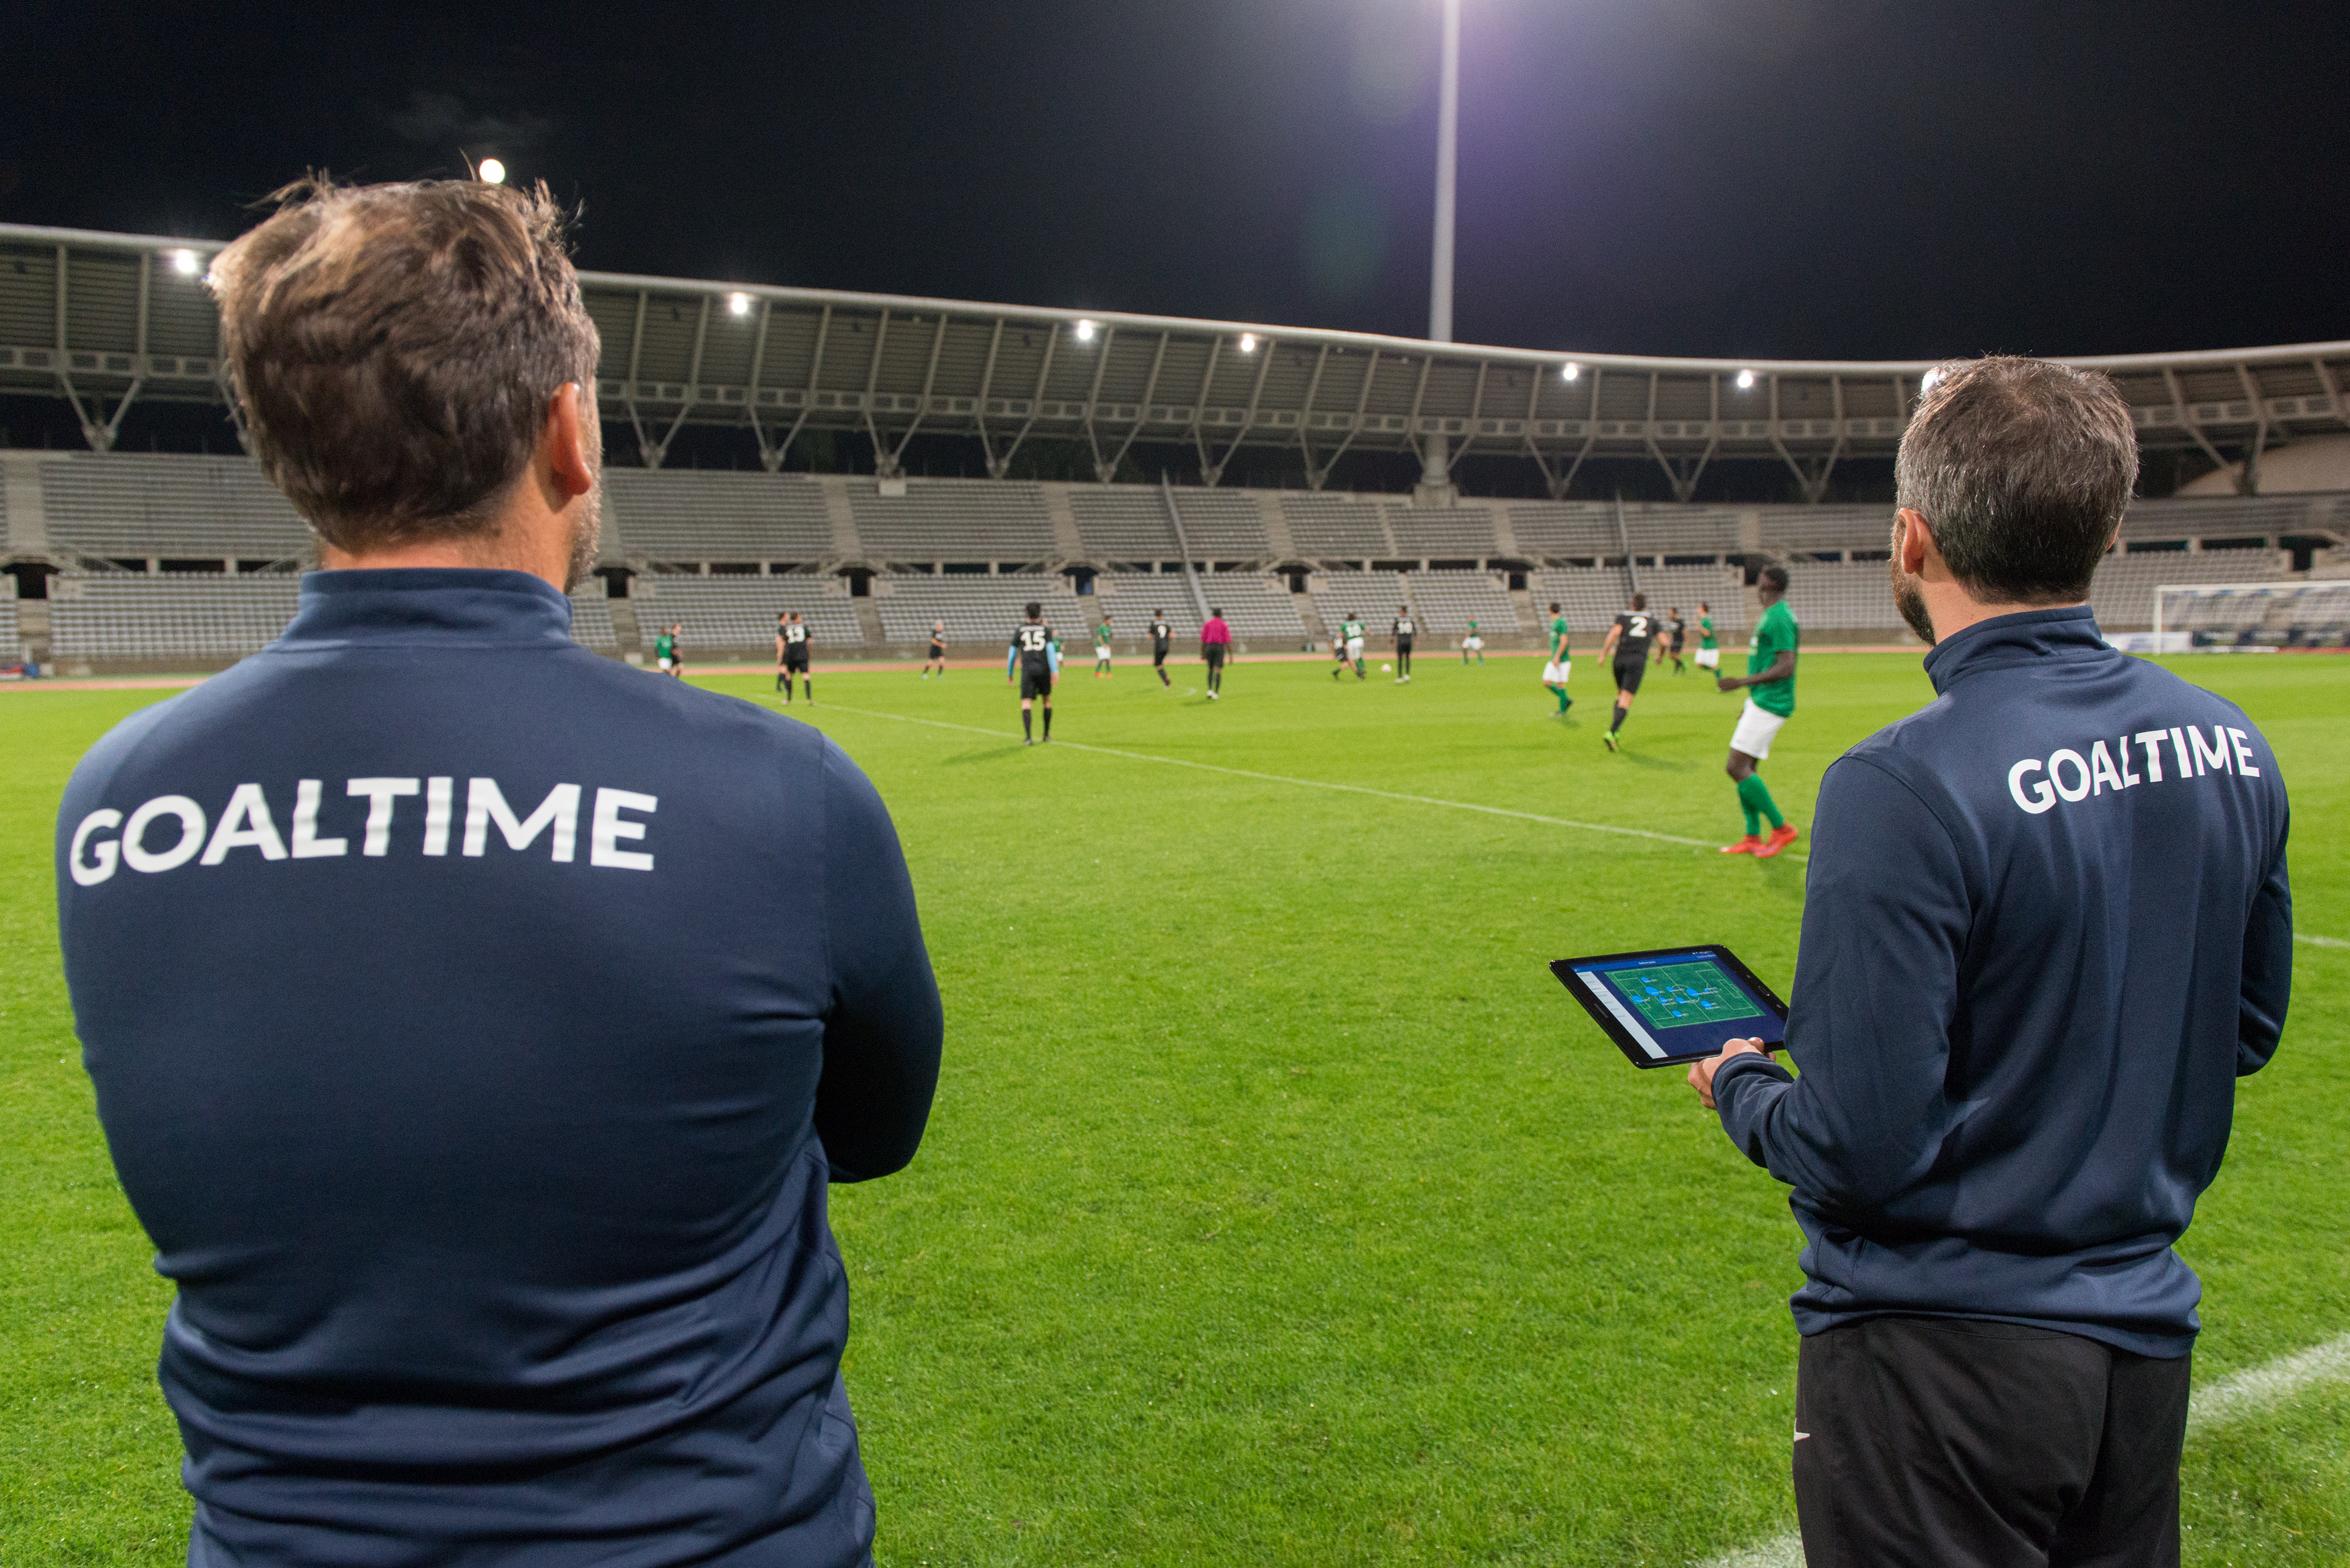 On a testé Goaltime, l'appli qui analyse tout ce qui se passe sur le terrain